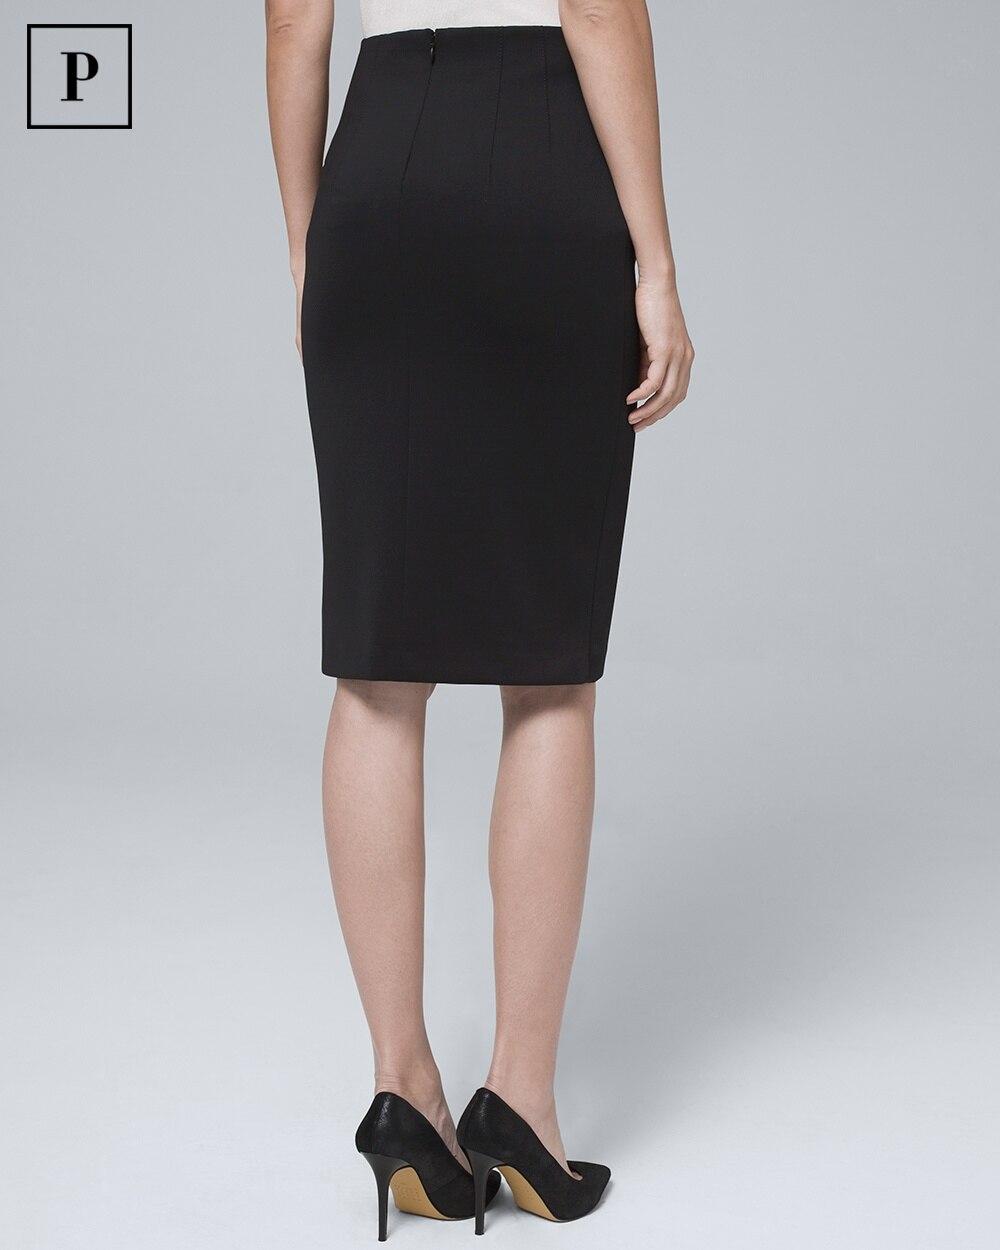 e5257884fe Return to thumbnail image selection Petite Embellished-Button Black Satin Scuba  Pencil Skirt